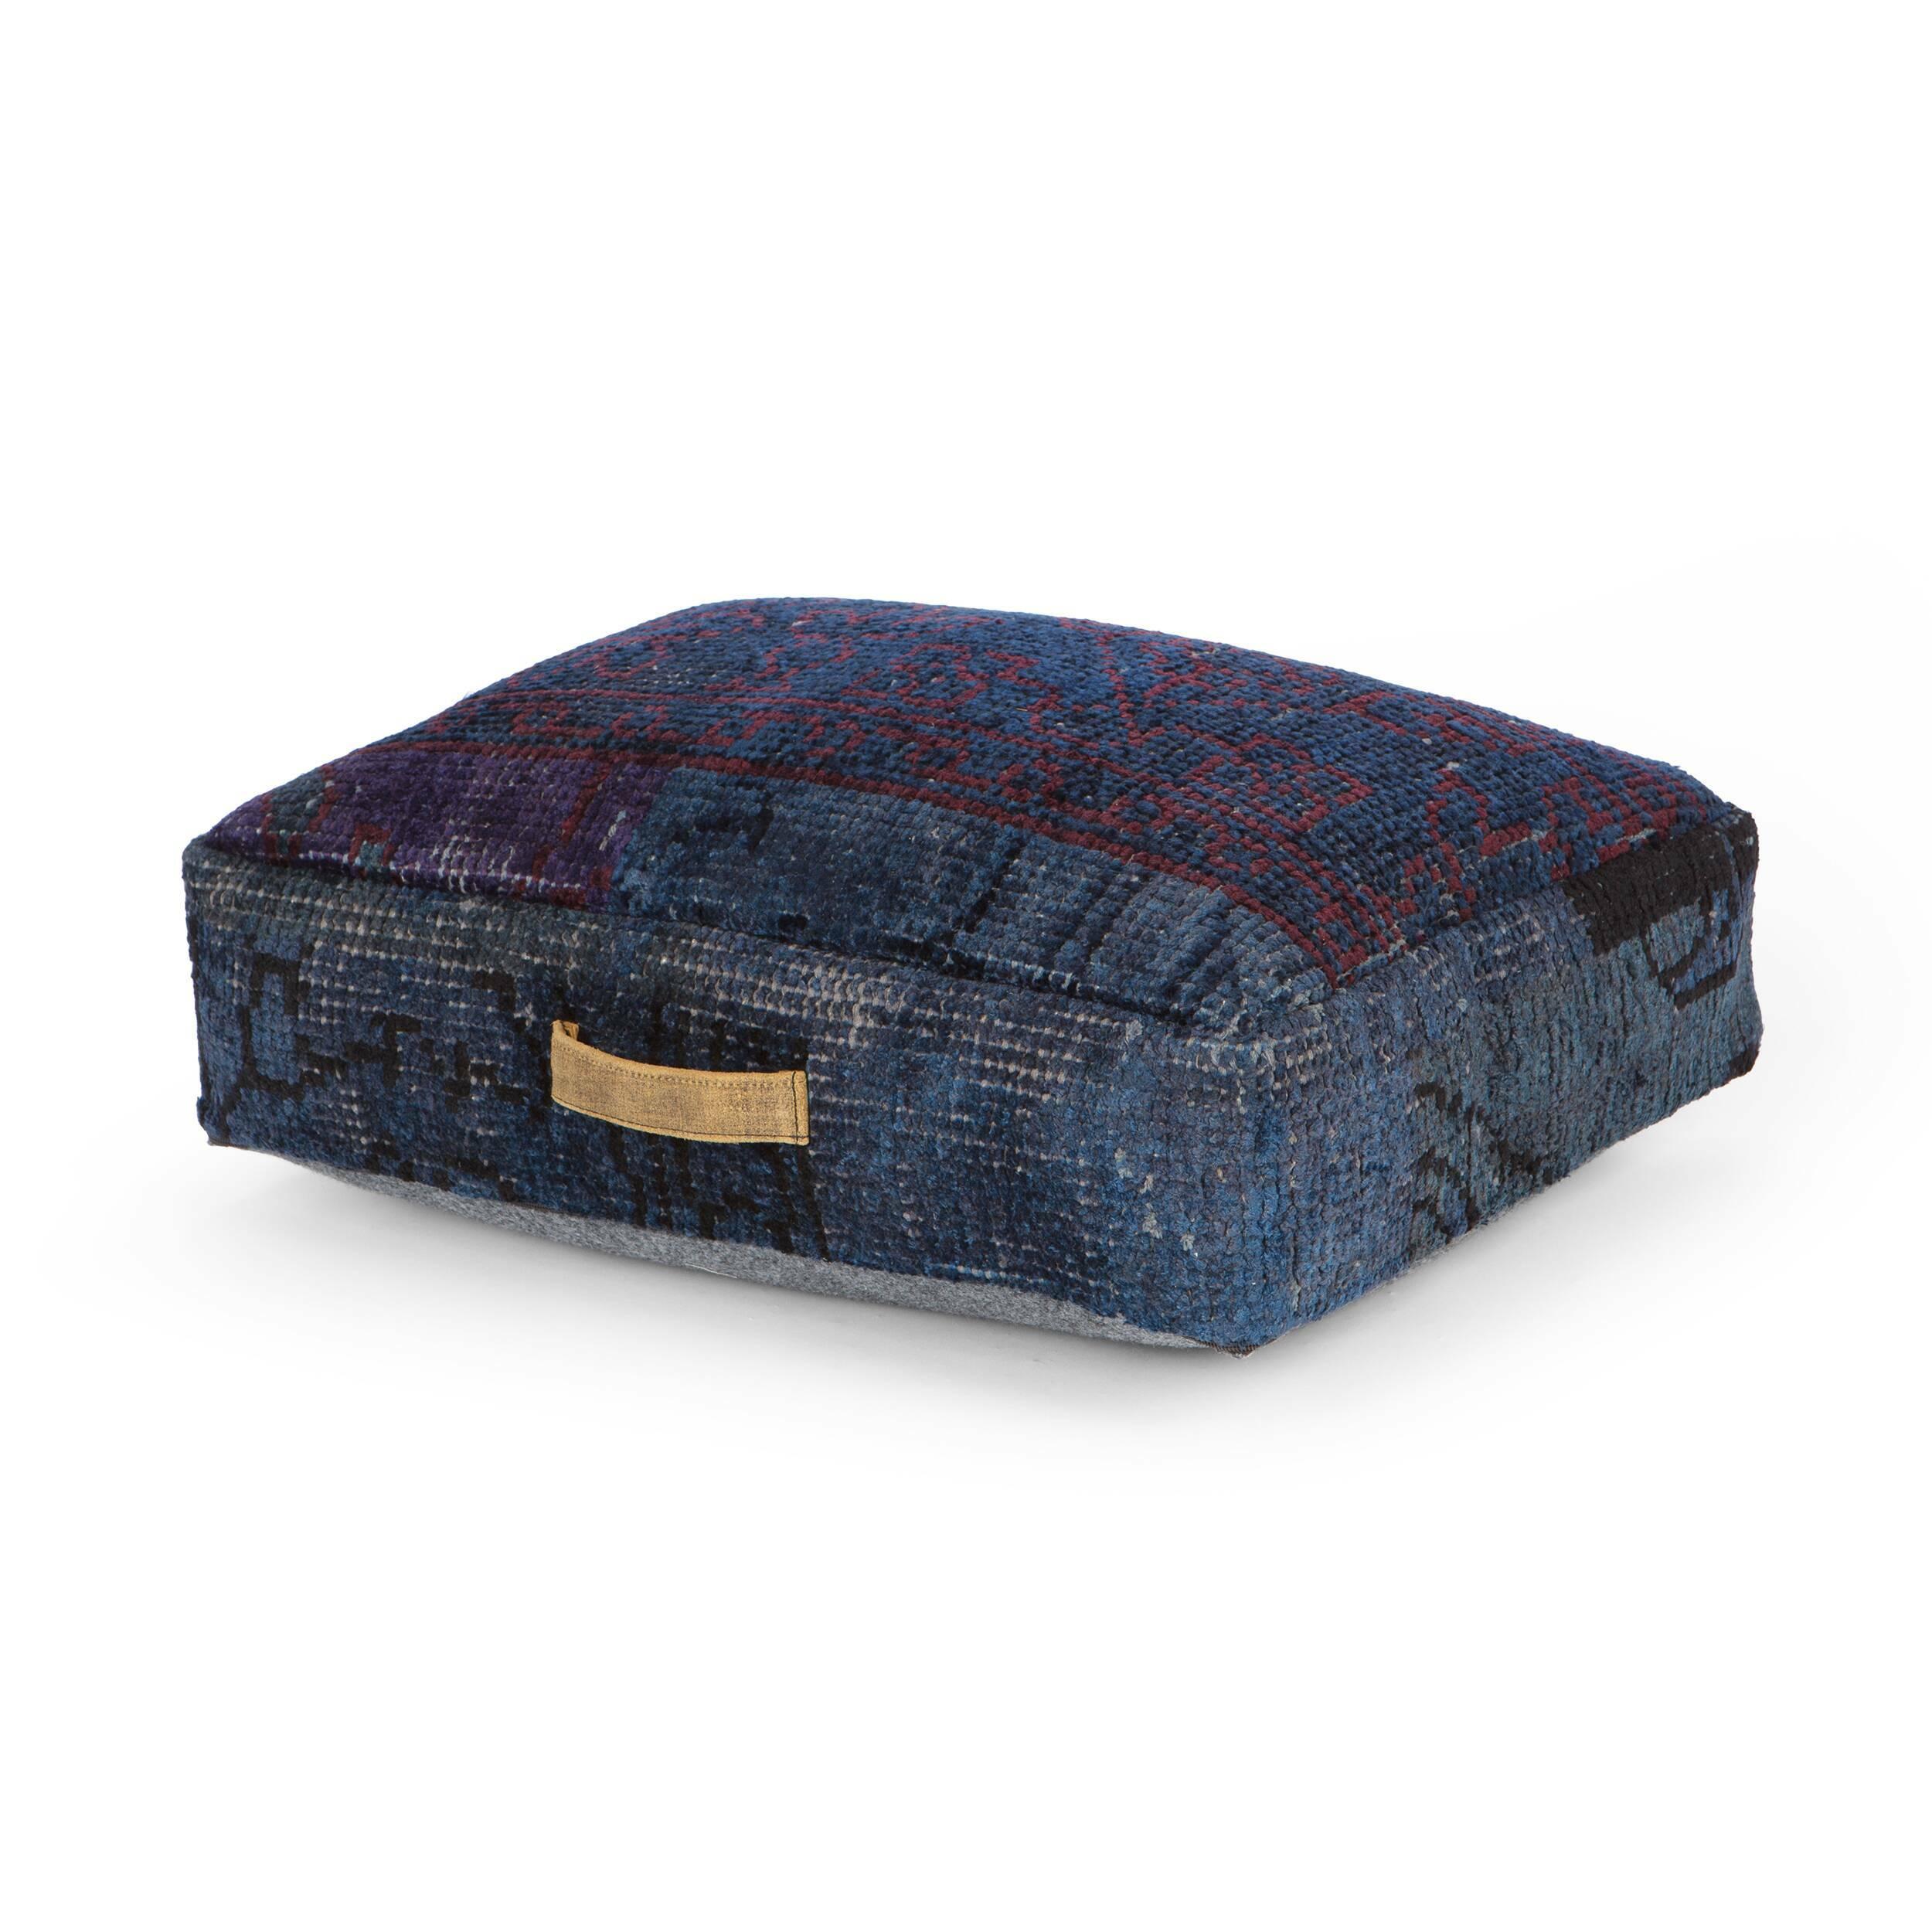 Подушка KashiДекоративные подушки<br>Материал, из которого изготовлена подушка Kashi, — вискоза, невероятно мягкая на ощупь гипоаллергенная ткань. Она отлично окрашивается и долгое время не теряет первоначального цвета, что делает изделия практичными и красивыми. <br><br> Квадратная и прямоугольная подушки подходят для декорирования темных тканевых диванов в стиле лофт. Каждая из них изготовлена вручную, поэтому выбрав для себя их, вы приобретаете подлинную работу искусных мастеров. <br><br><br> На прямоугольной подушке есть тонкая ручк...<br><br>stock: 14<br>Высота: 15<br>Ширина: 45<br>Материал: Вискоза<br>Цвет: Тёмно-синий<br>Высота ворса: 3-4mm<br>Длина: 60<br>Тип производства: Ручное производство